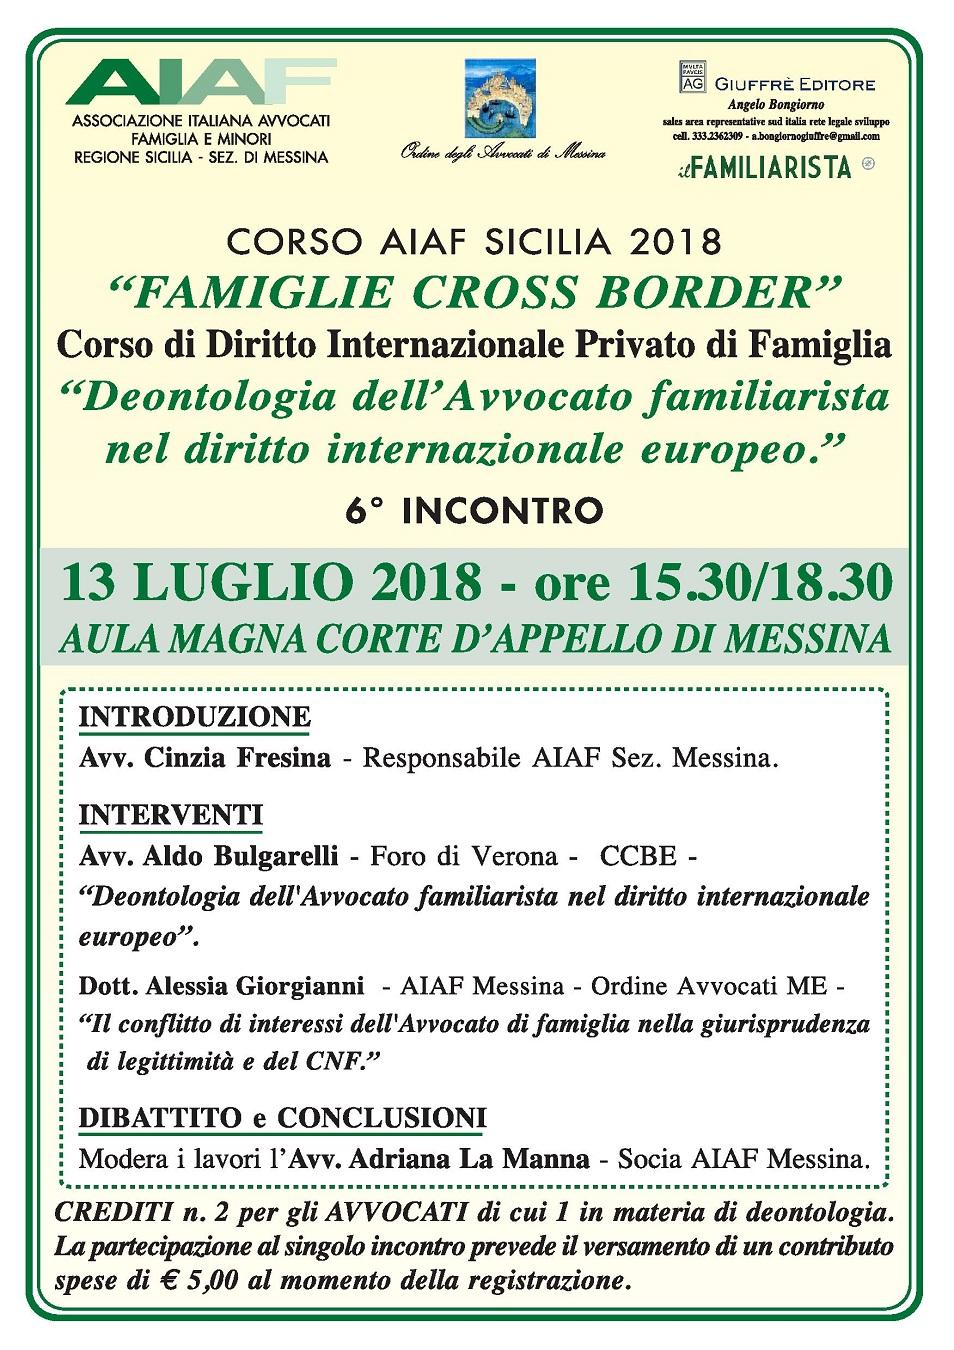 Corso Aiaf Sicilia 2018 - Famiglie Cross Boder